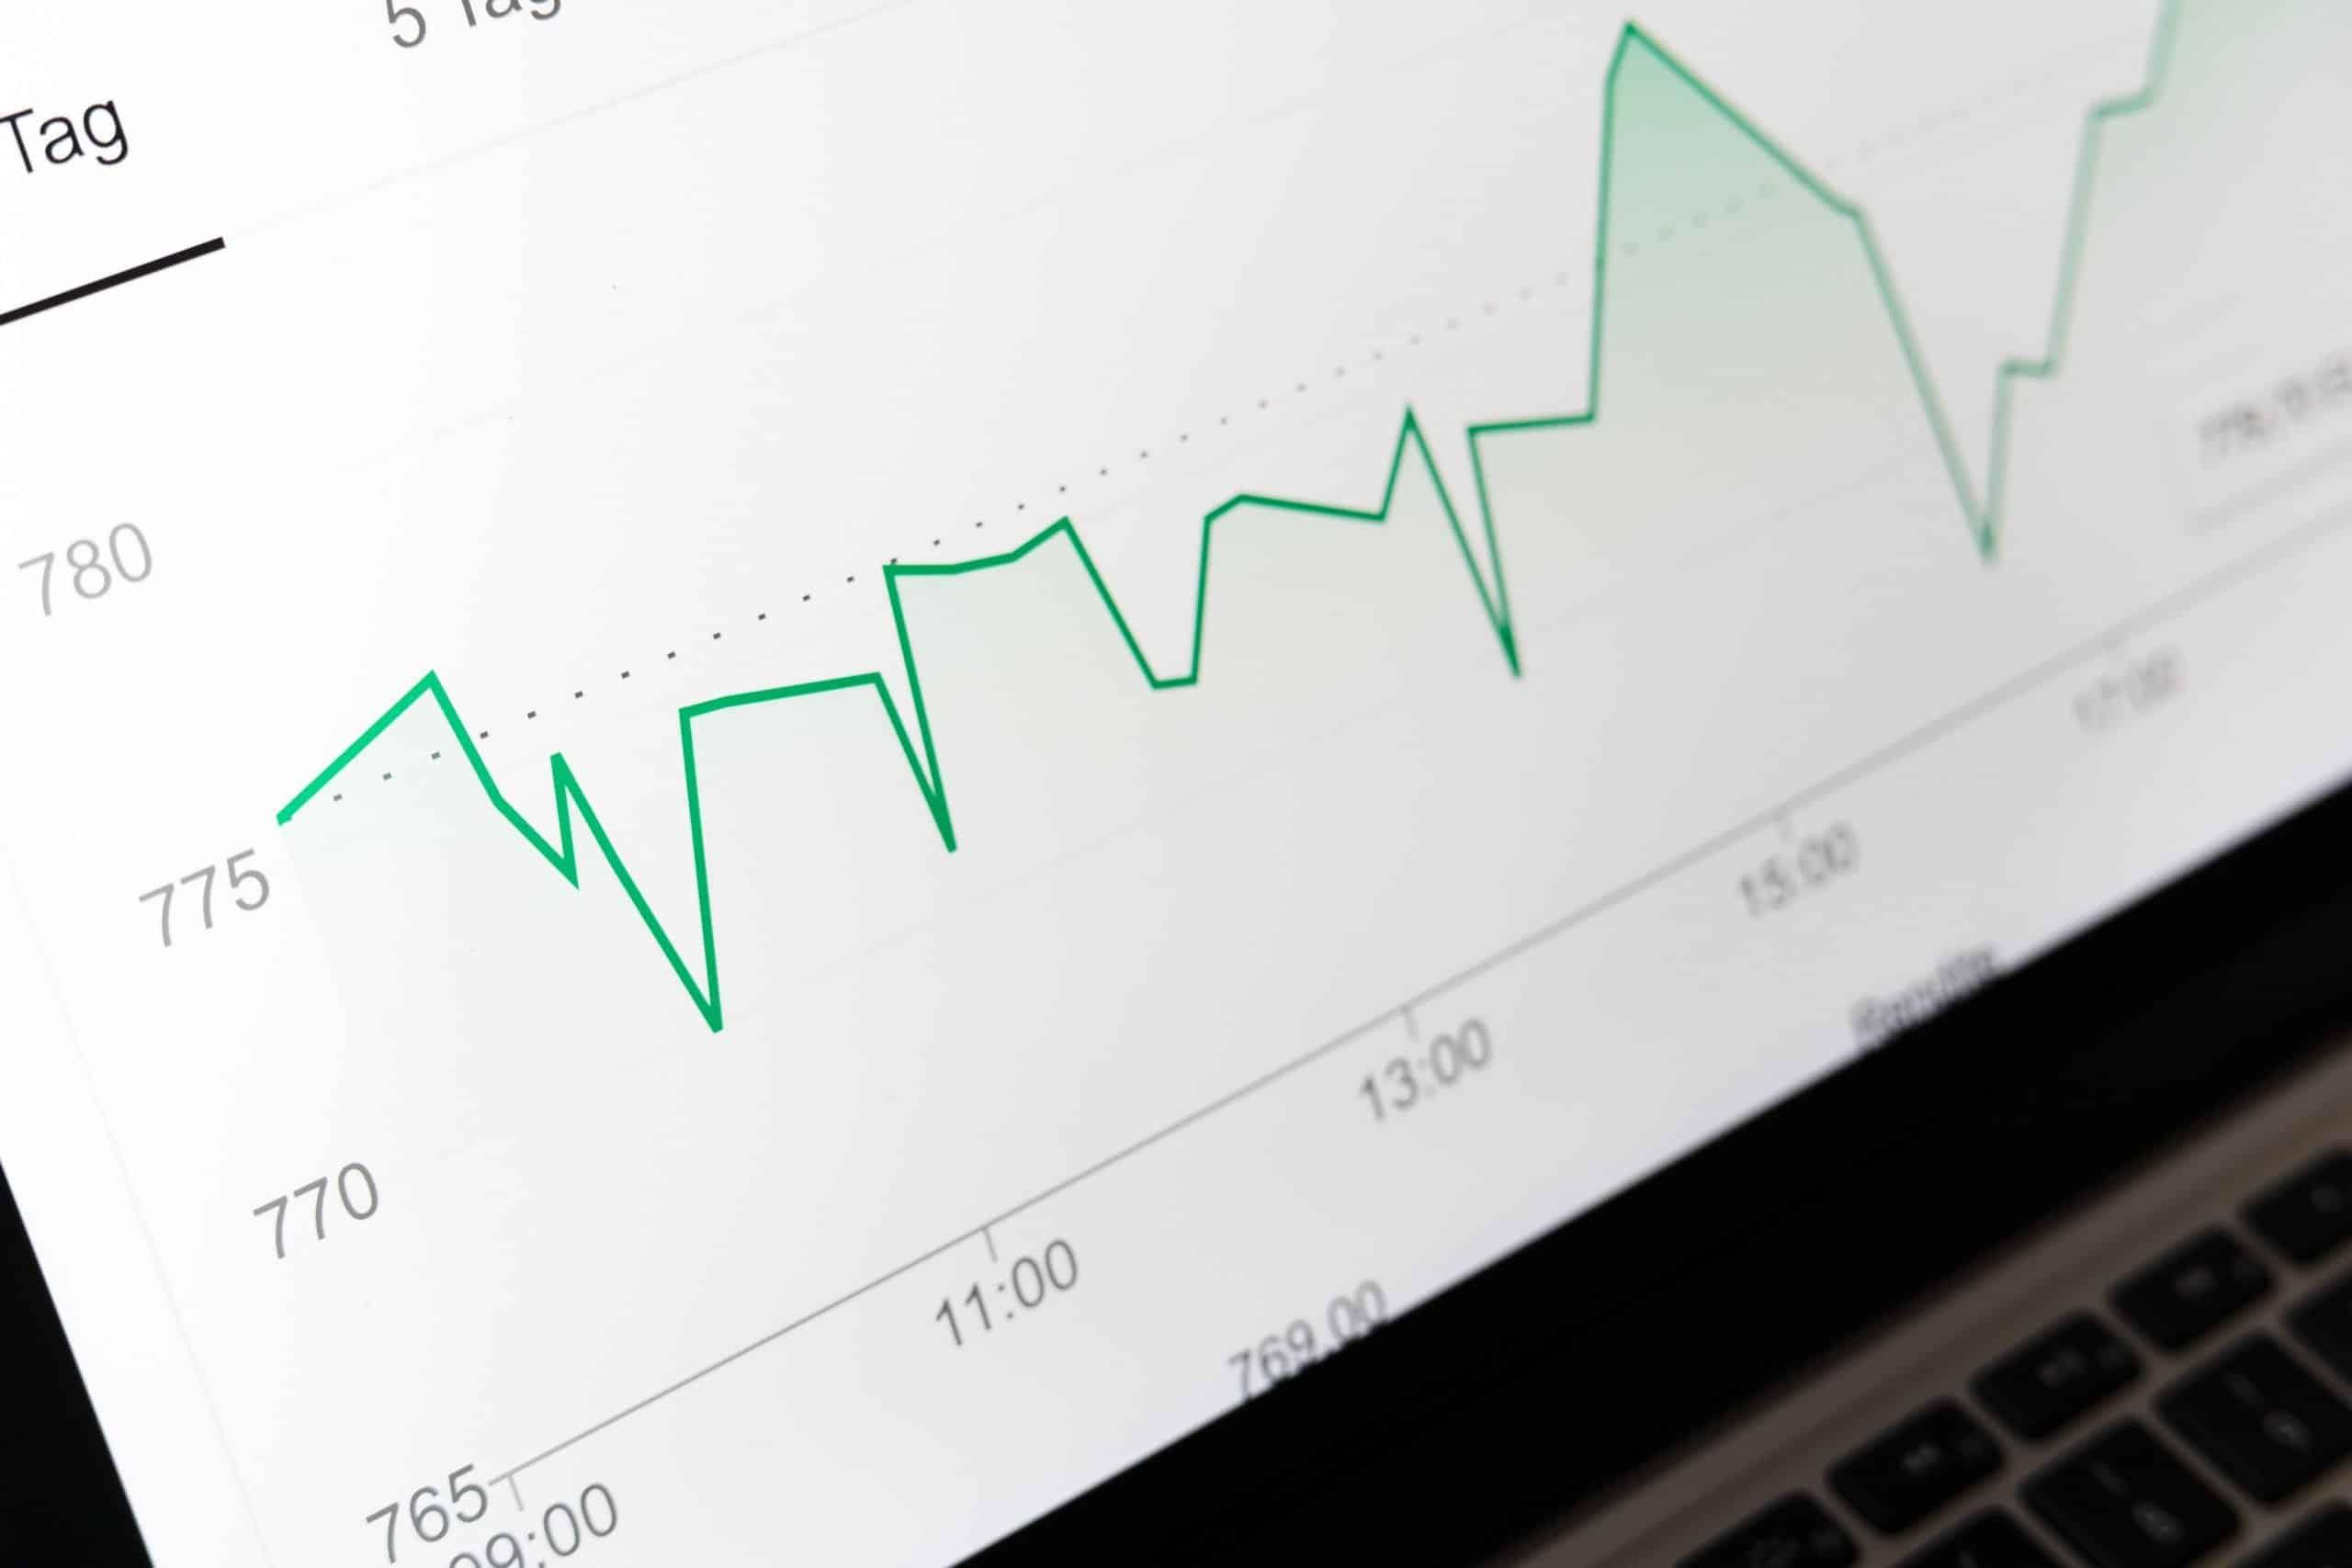 hogyan és hogyan lehet pénzt keresni a kereskedésben opciós képletek